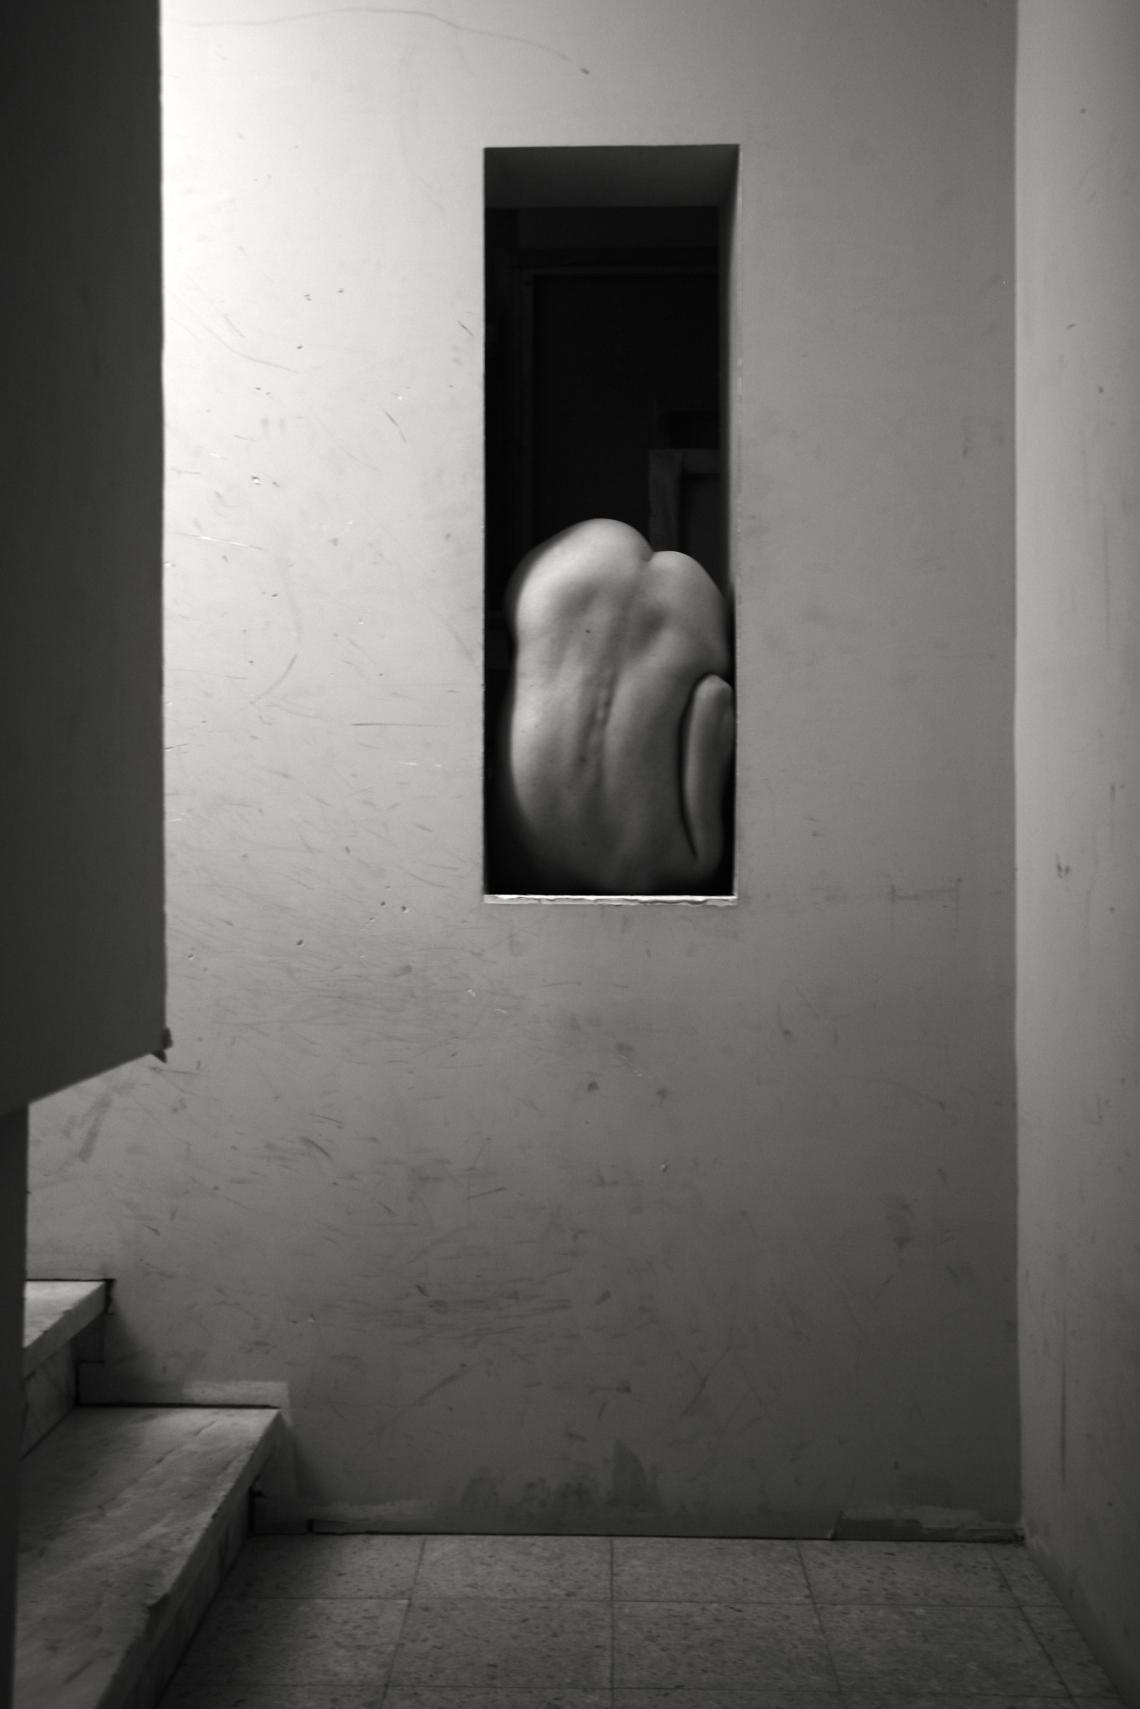 2 In, Valentina Parravicini, Atelier Concorde, Lisboa, 2011, foto Cristiano Christillin